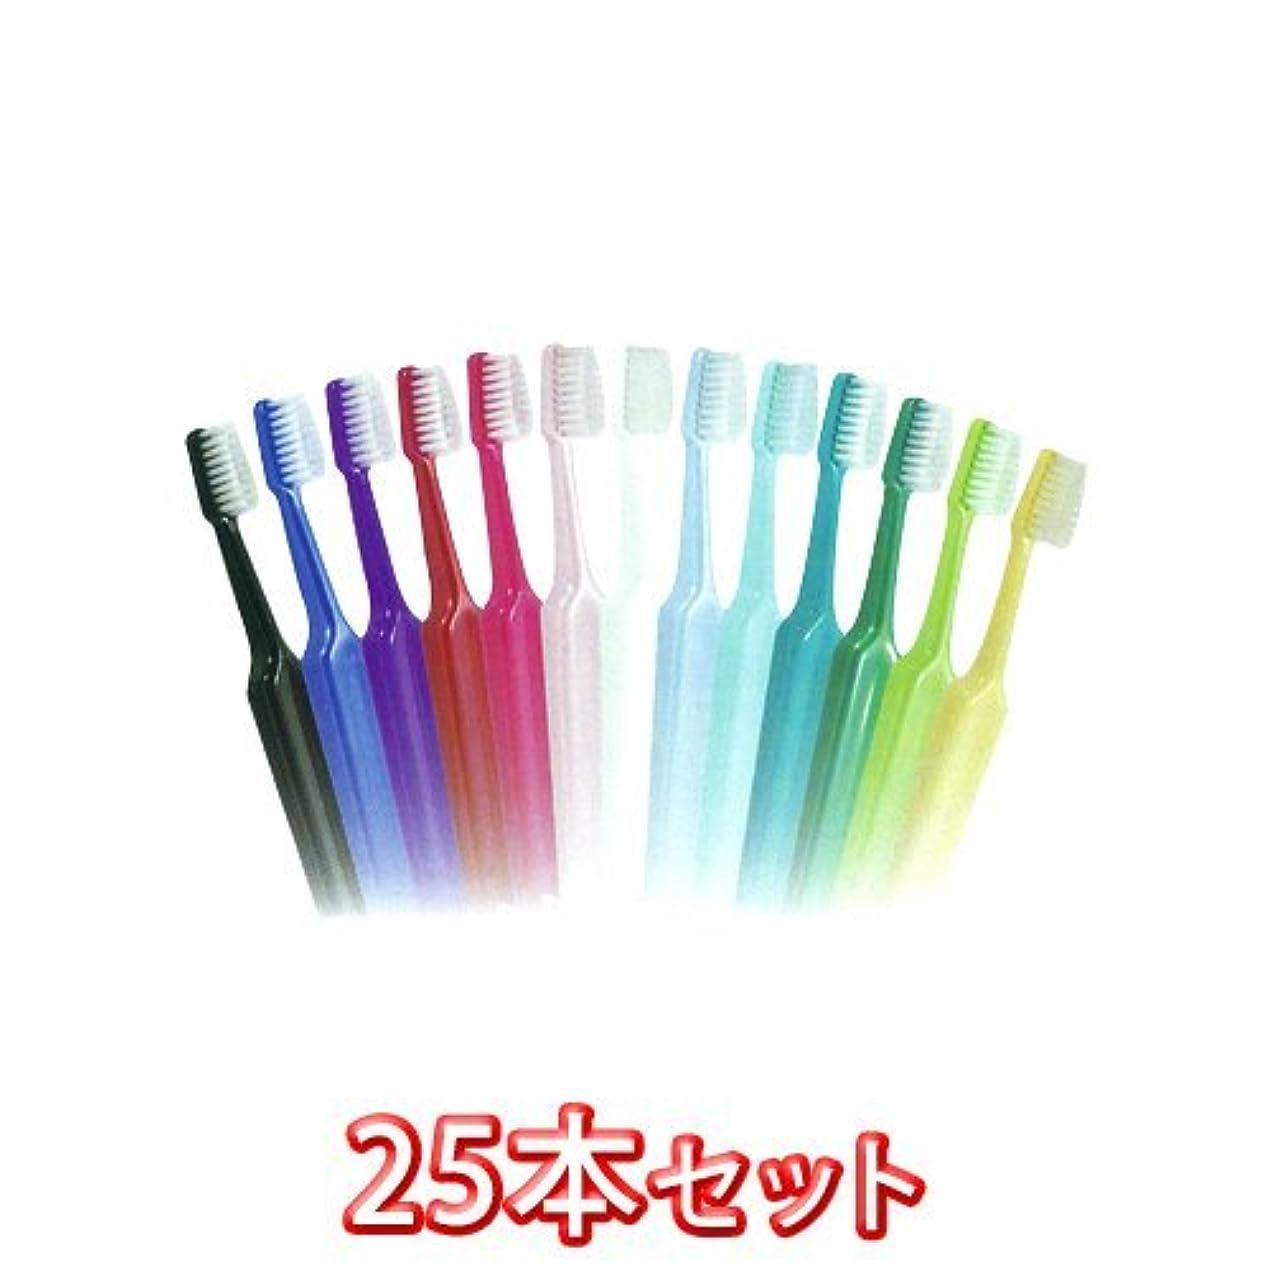 露出度の高い暫定アレキサンダーグラハムベルTePe セレクトソフト 歯ブラシ 25本入